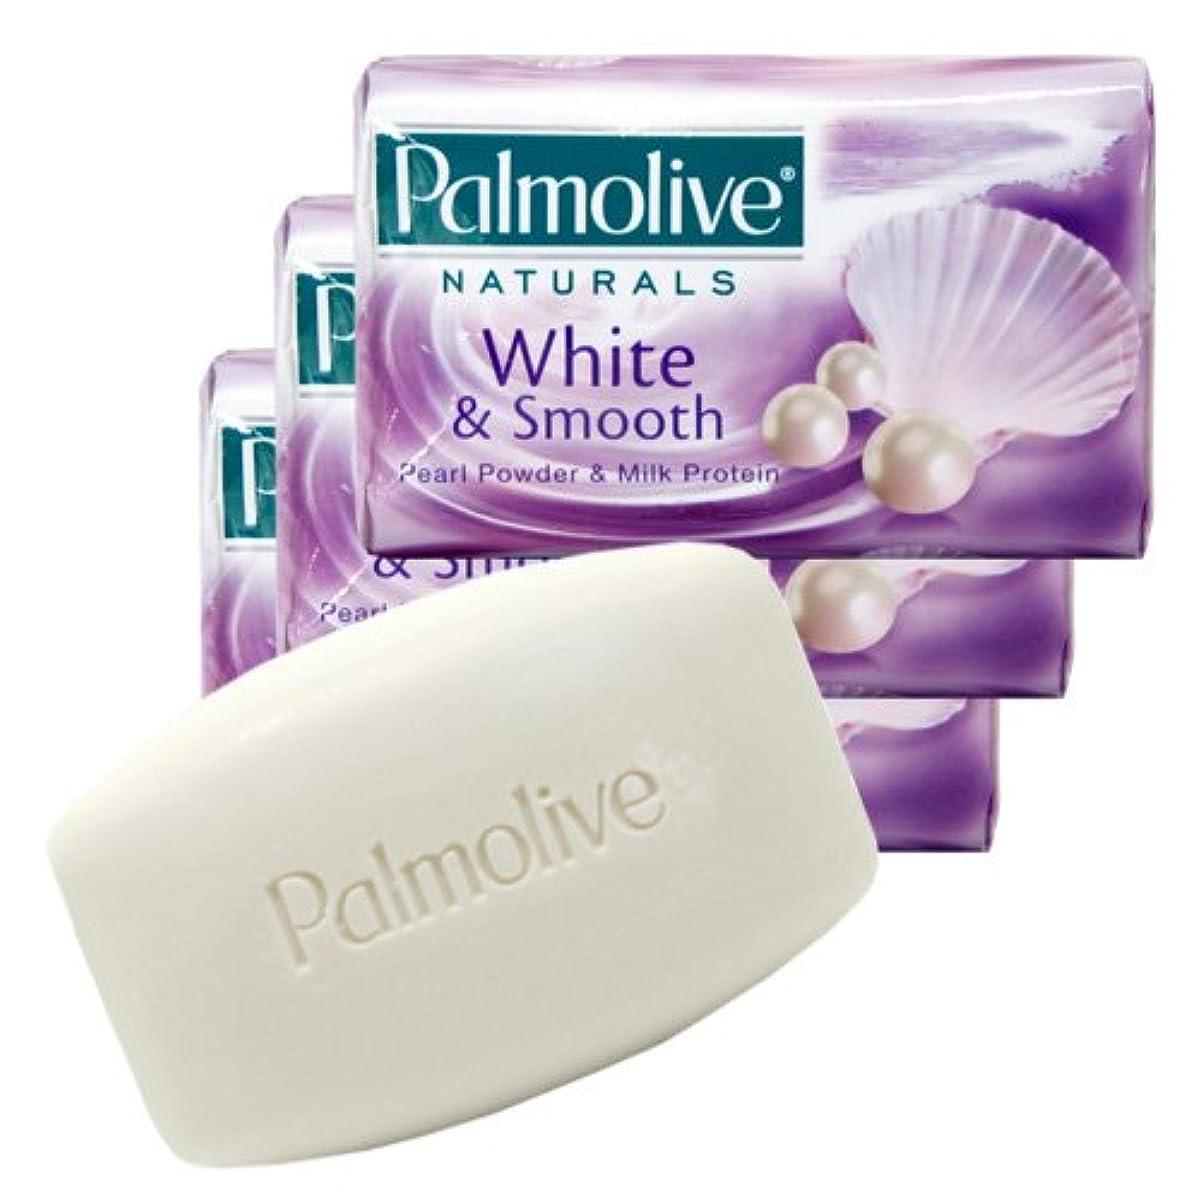 マーティフィールディングお金単調な【Palmolive】パルモリーブ ナチュラルズ石鹸3個パック ホワイト&スムース(パールパウダー&ミルクプロテイン)80g×3